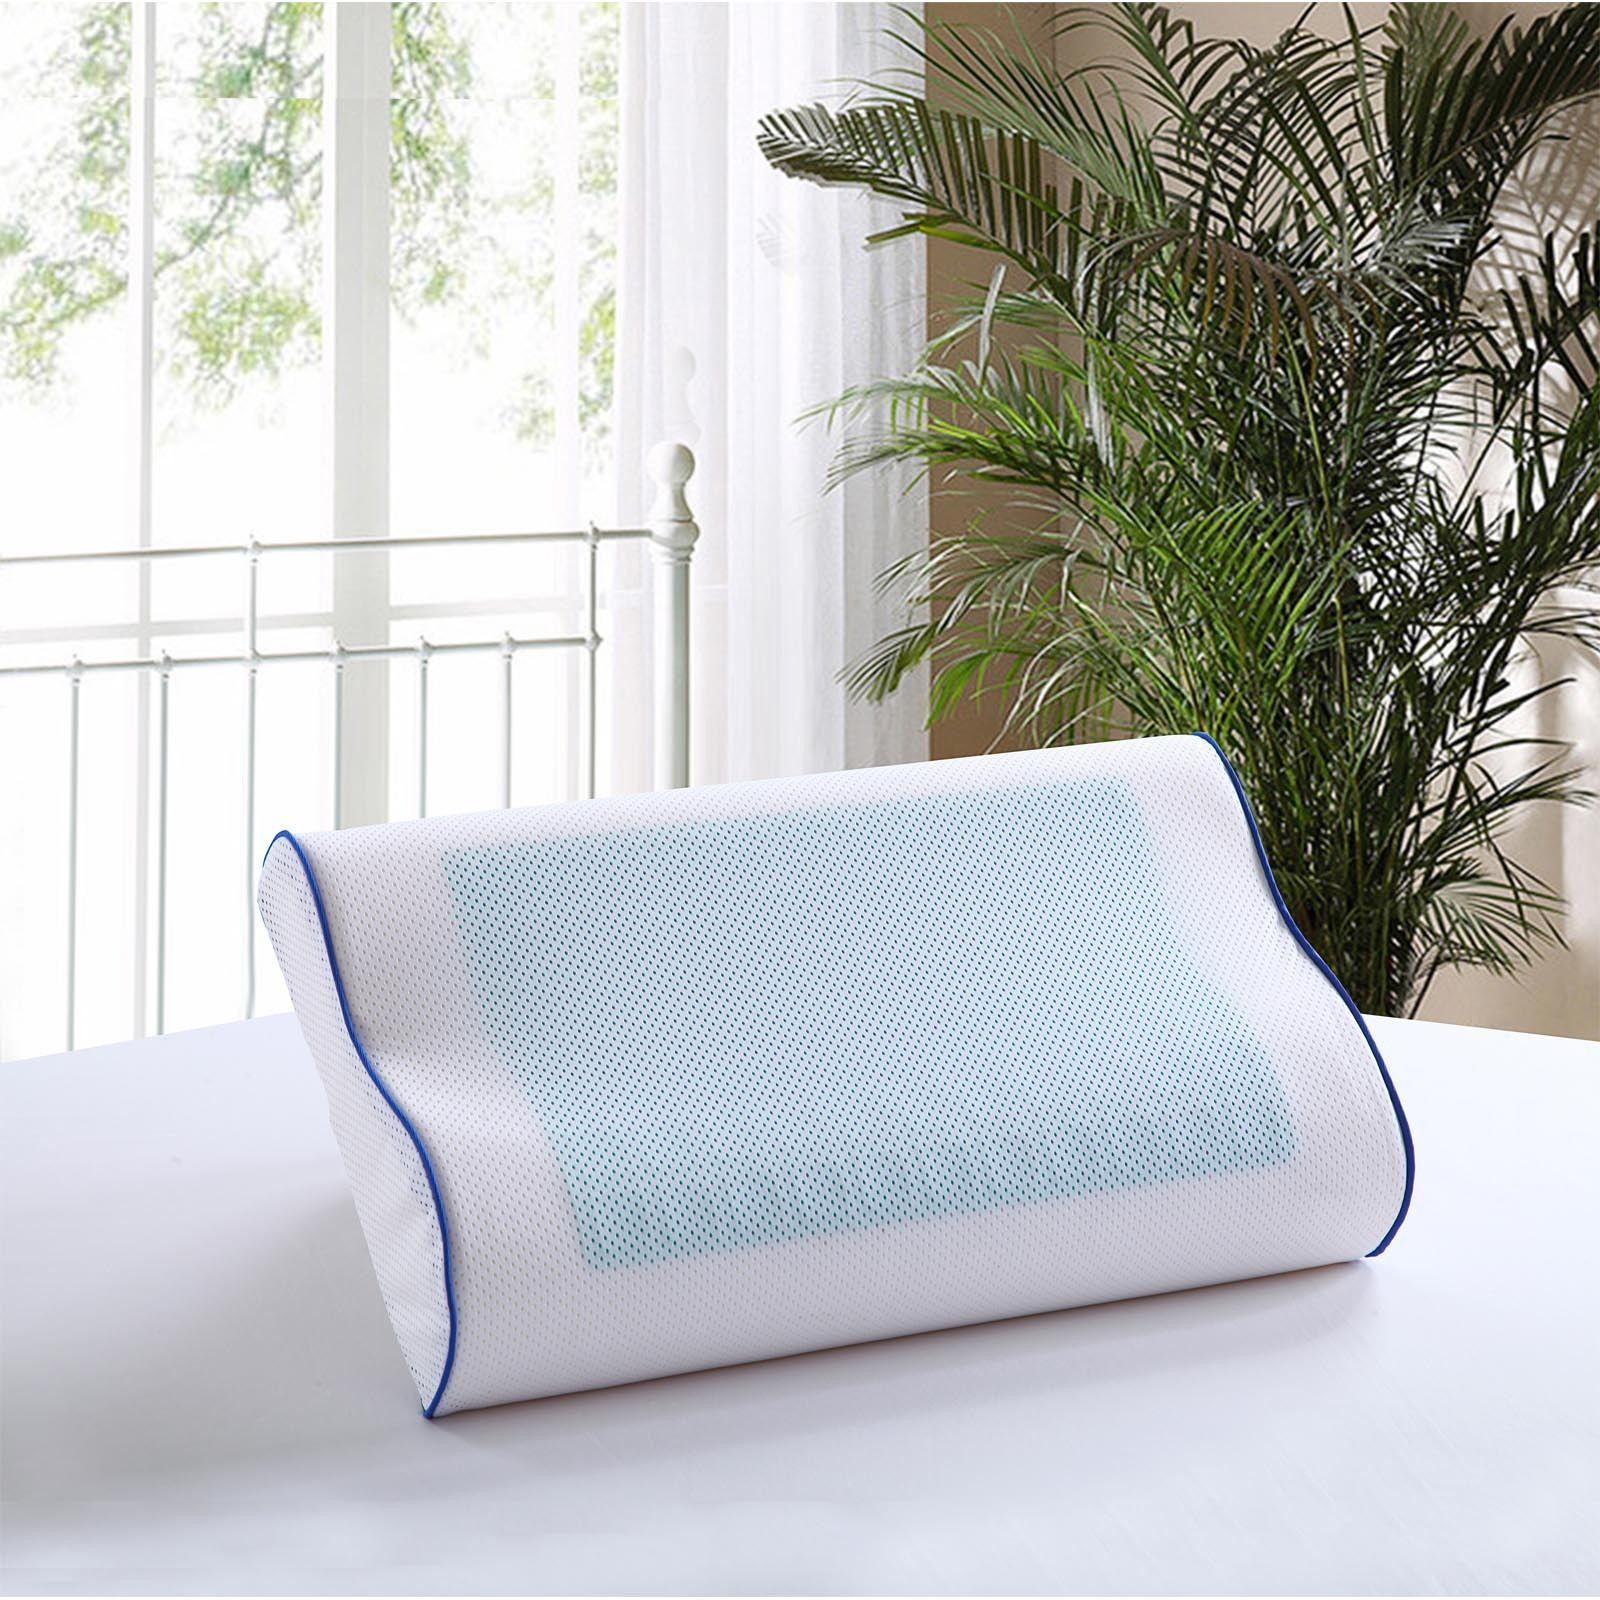 Memory Foam Contour Pillow Cool Gel Pad Orthopaedic Head